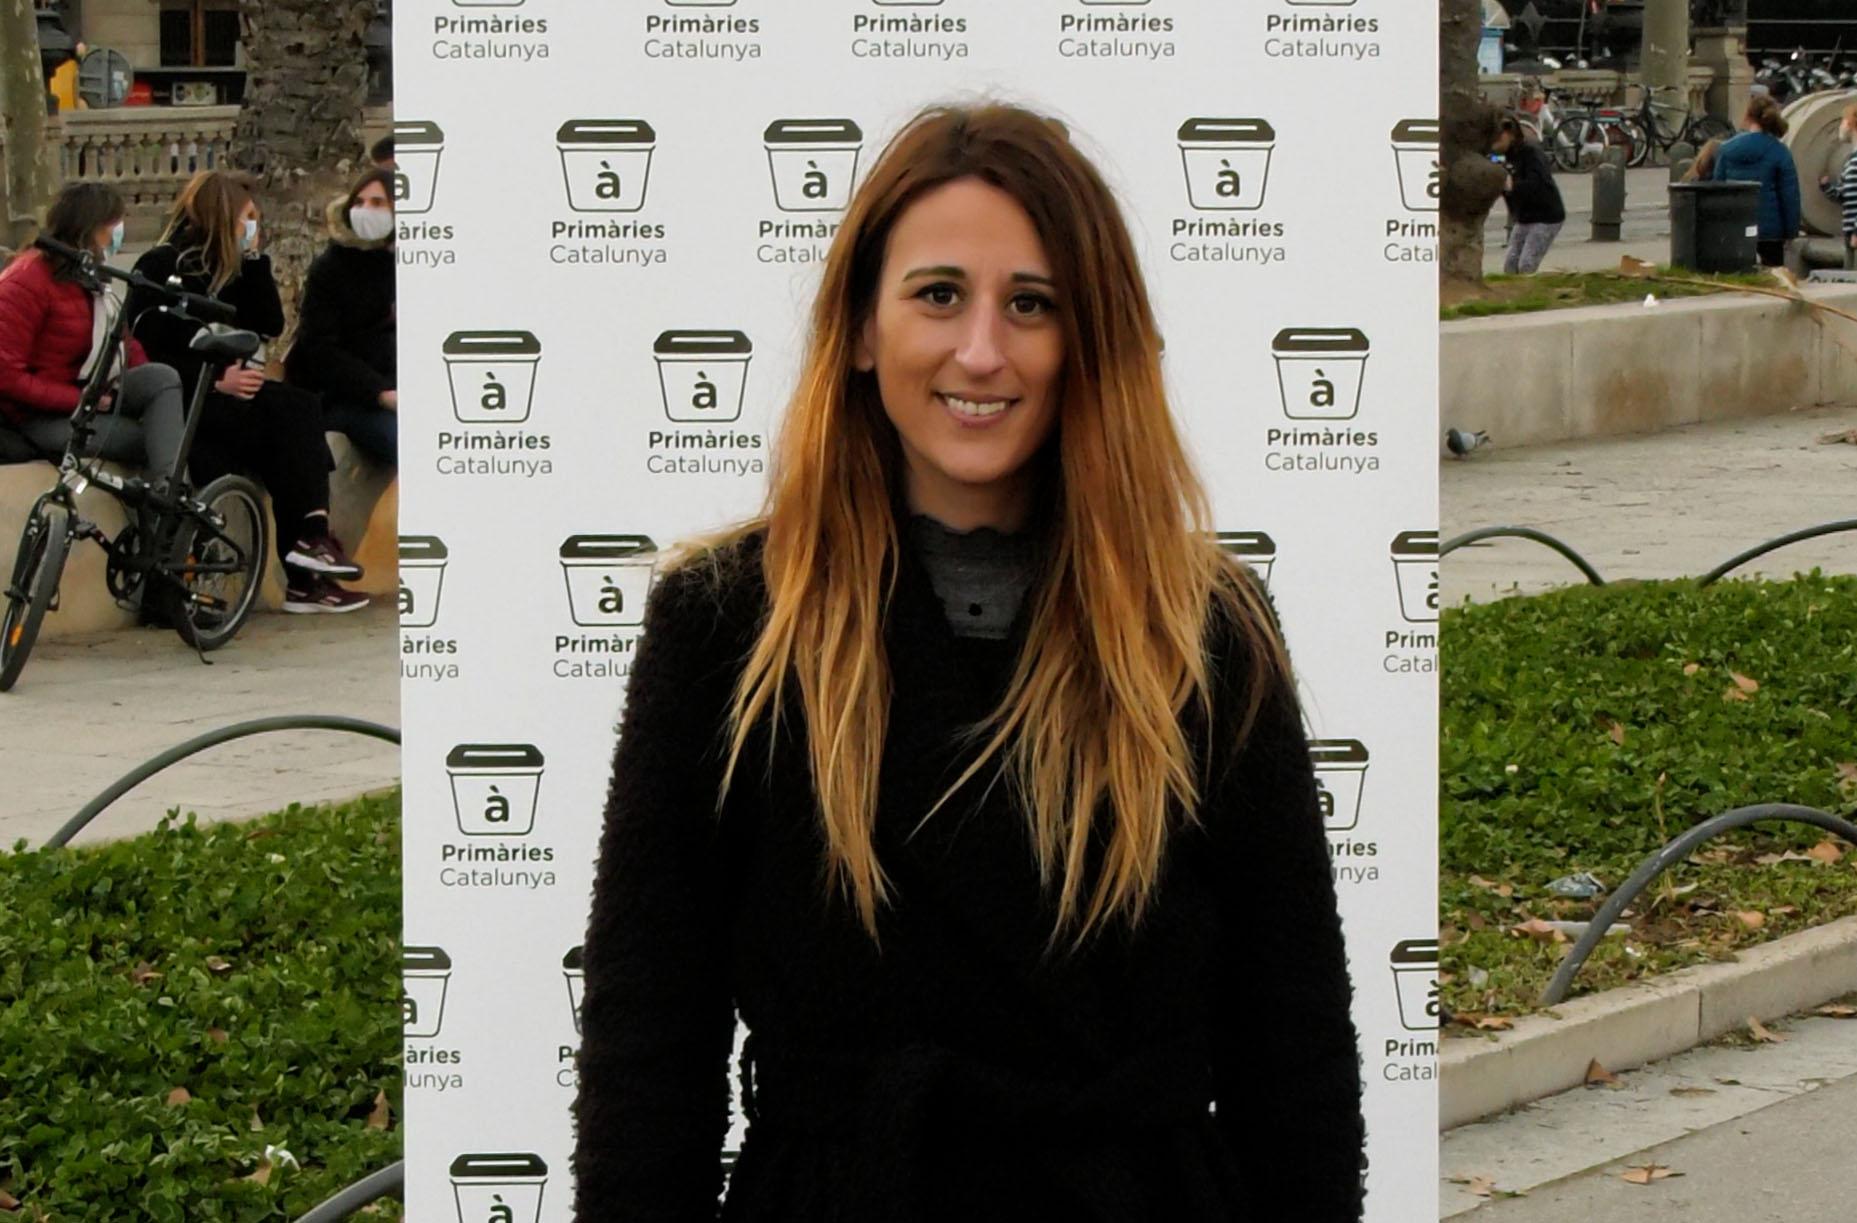 La candidata de Primàries Catalunya, Laura Ormella